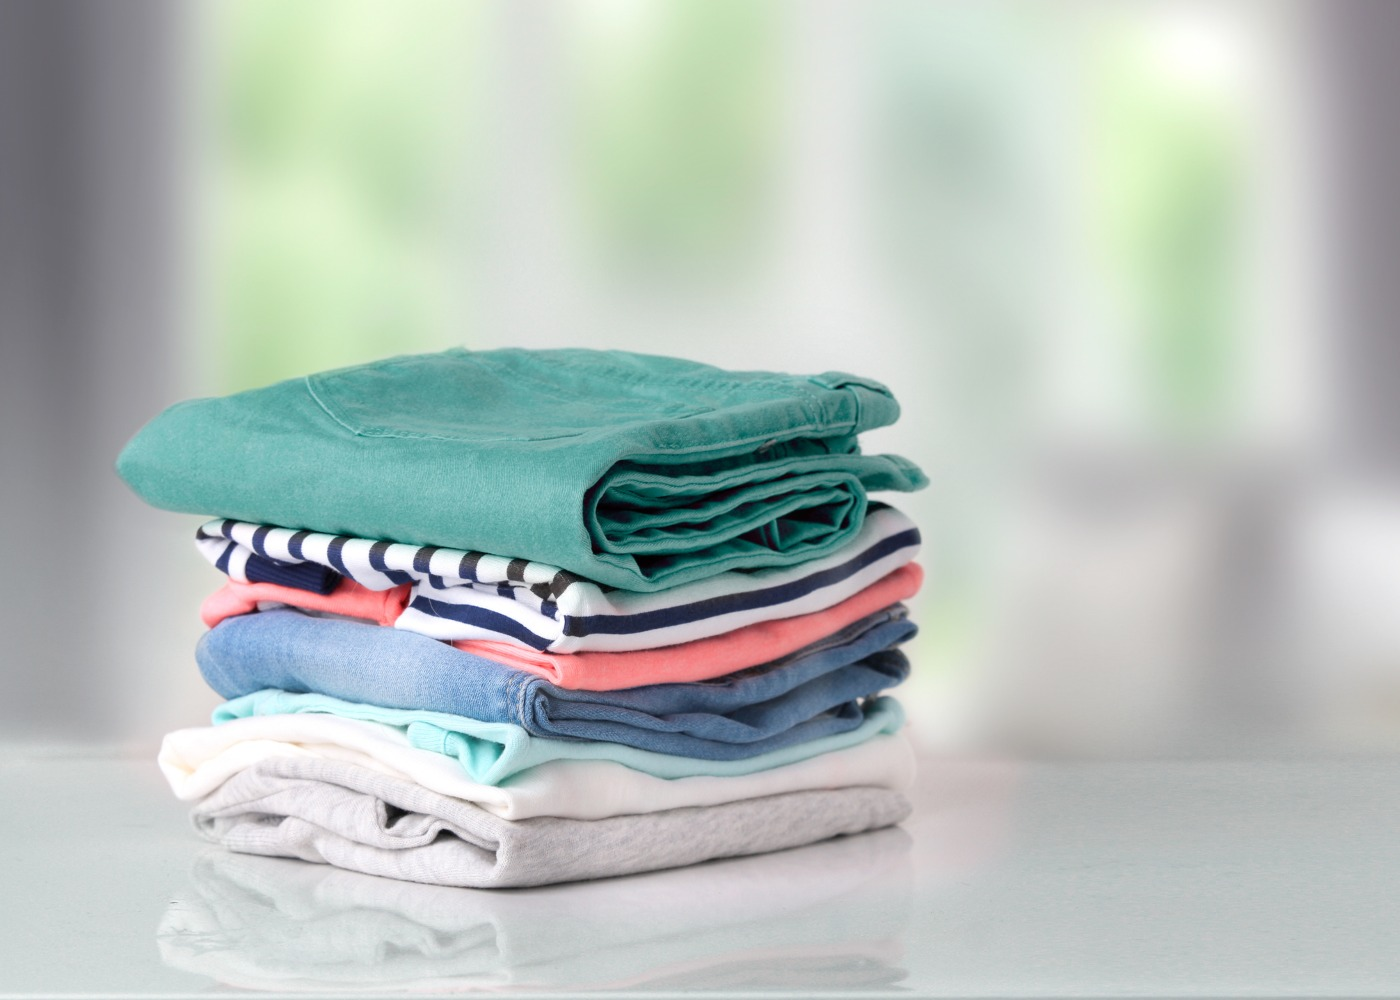 roupa dobrada depois de lavada